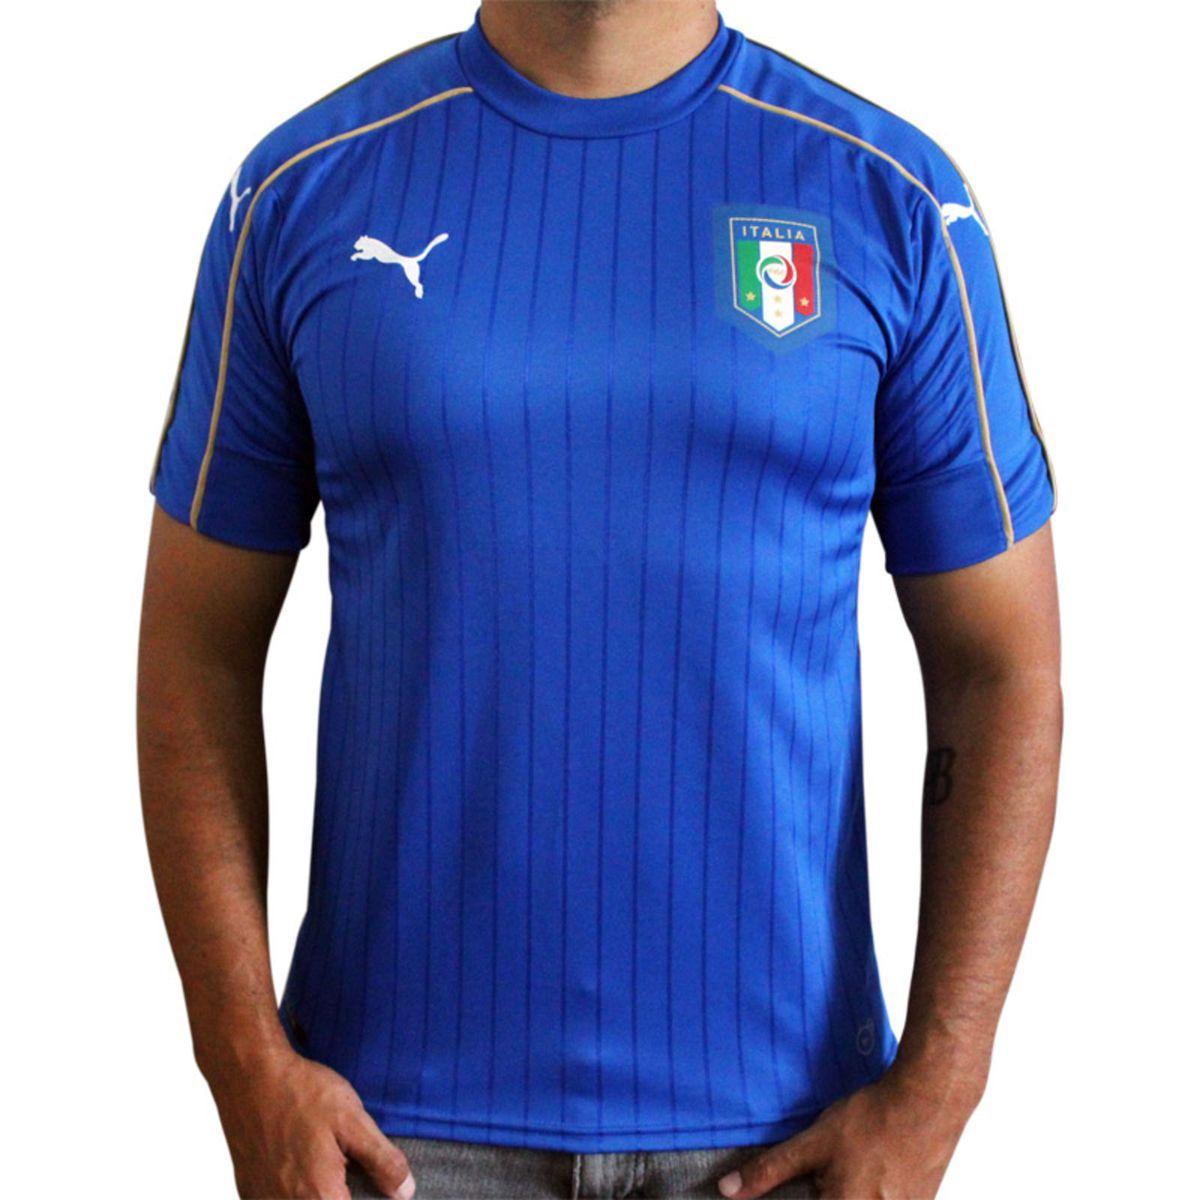 camisa oficial italia 2016 tamanho p - esportes puma bdc52ccf50770